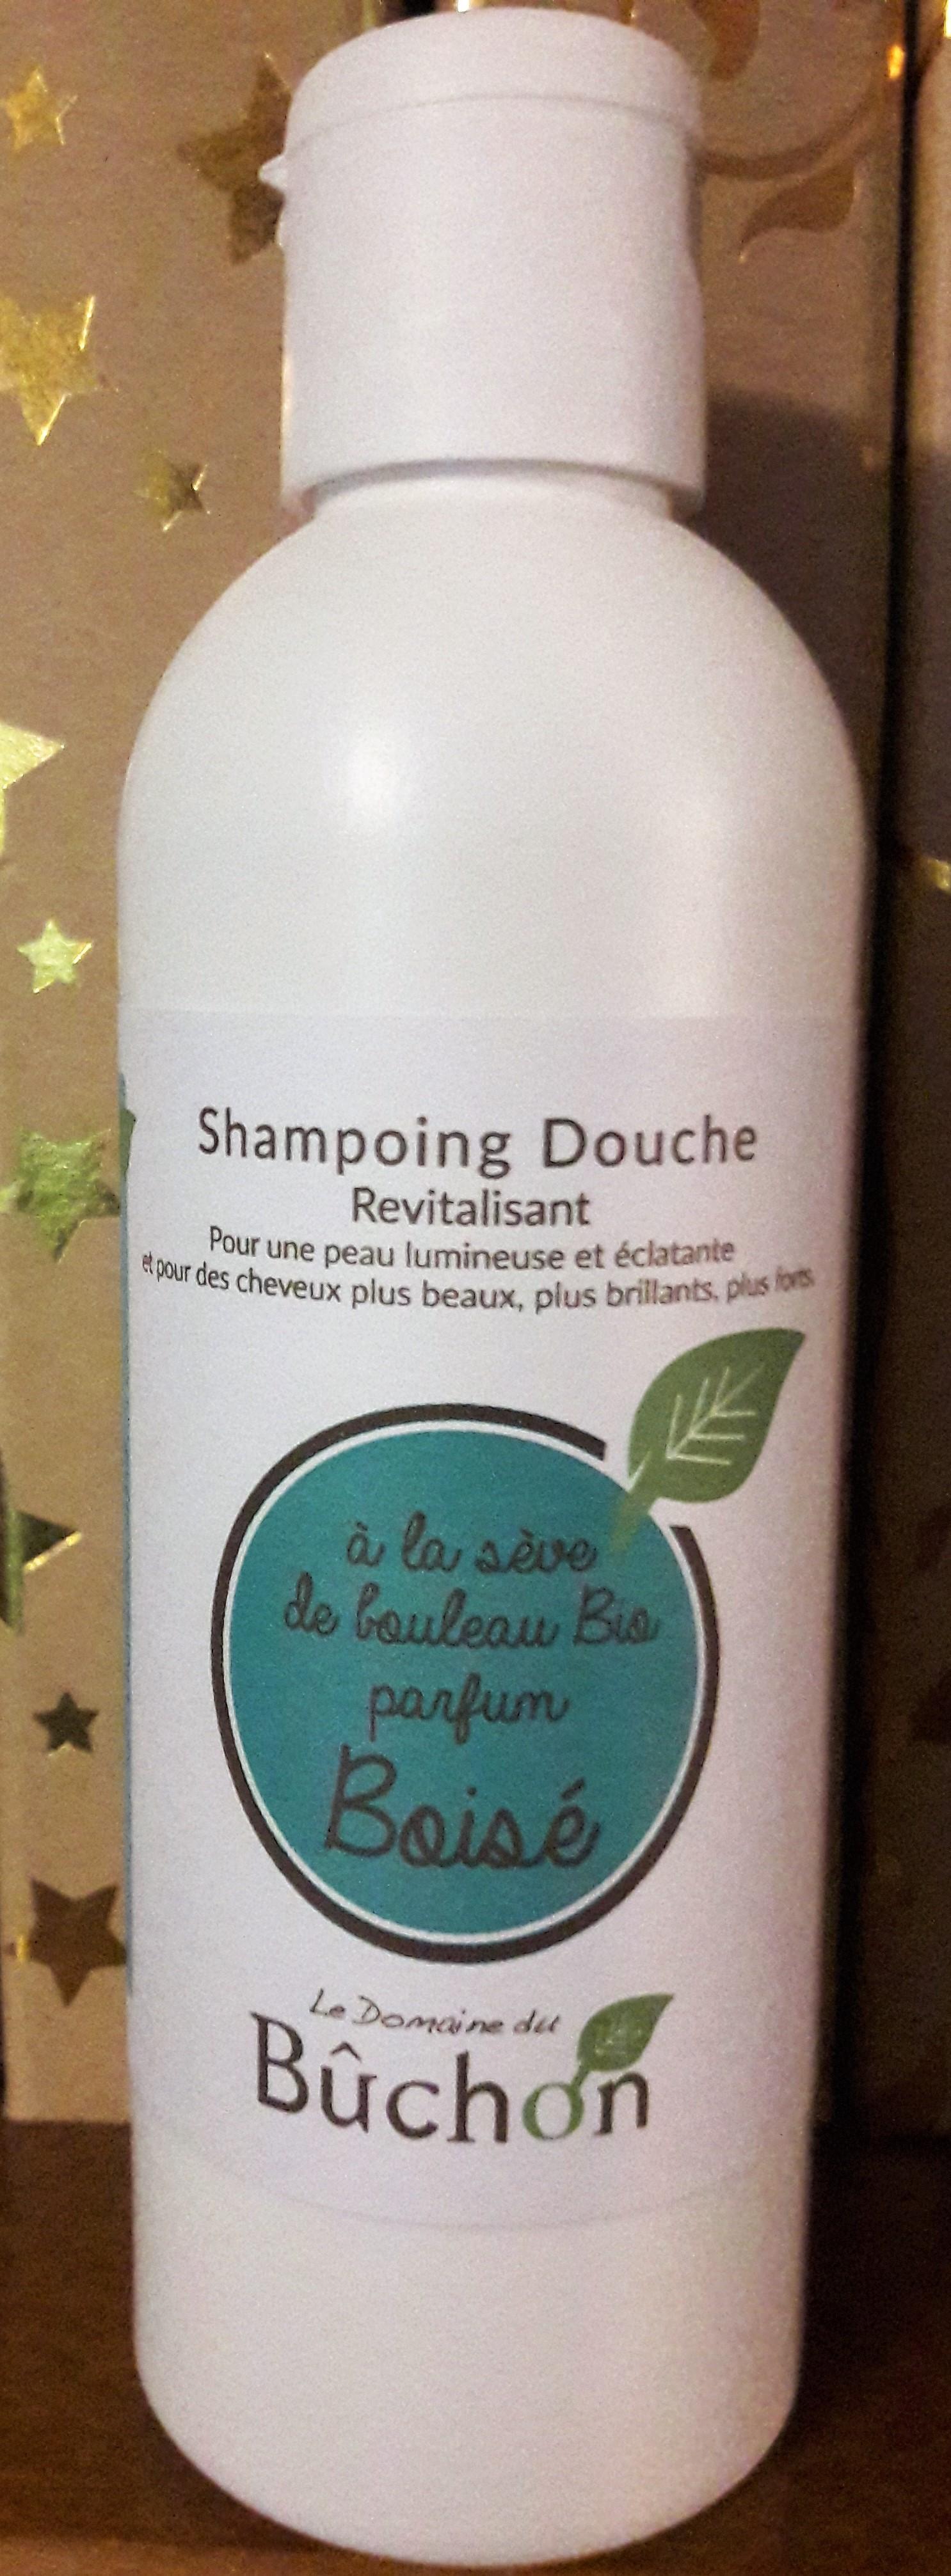 Shampoing-Douche à la sève de bouleau BIO